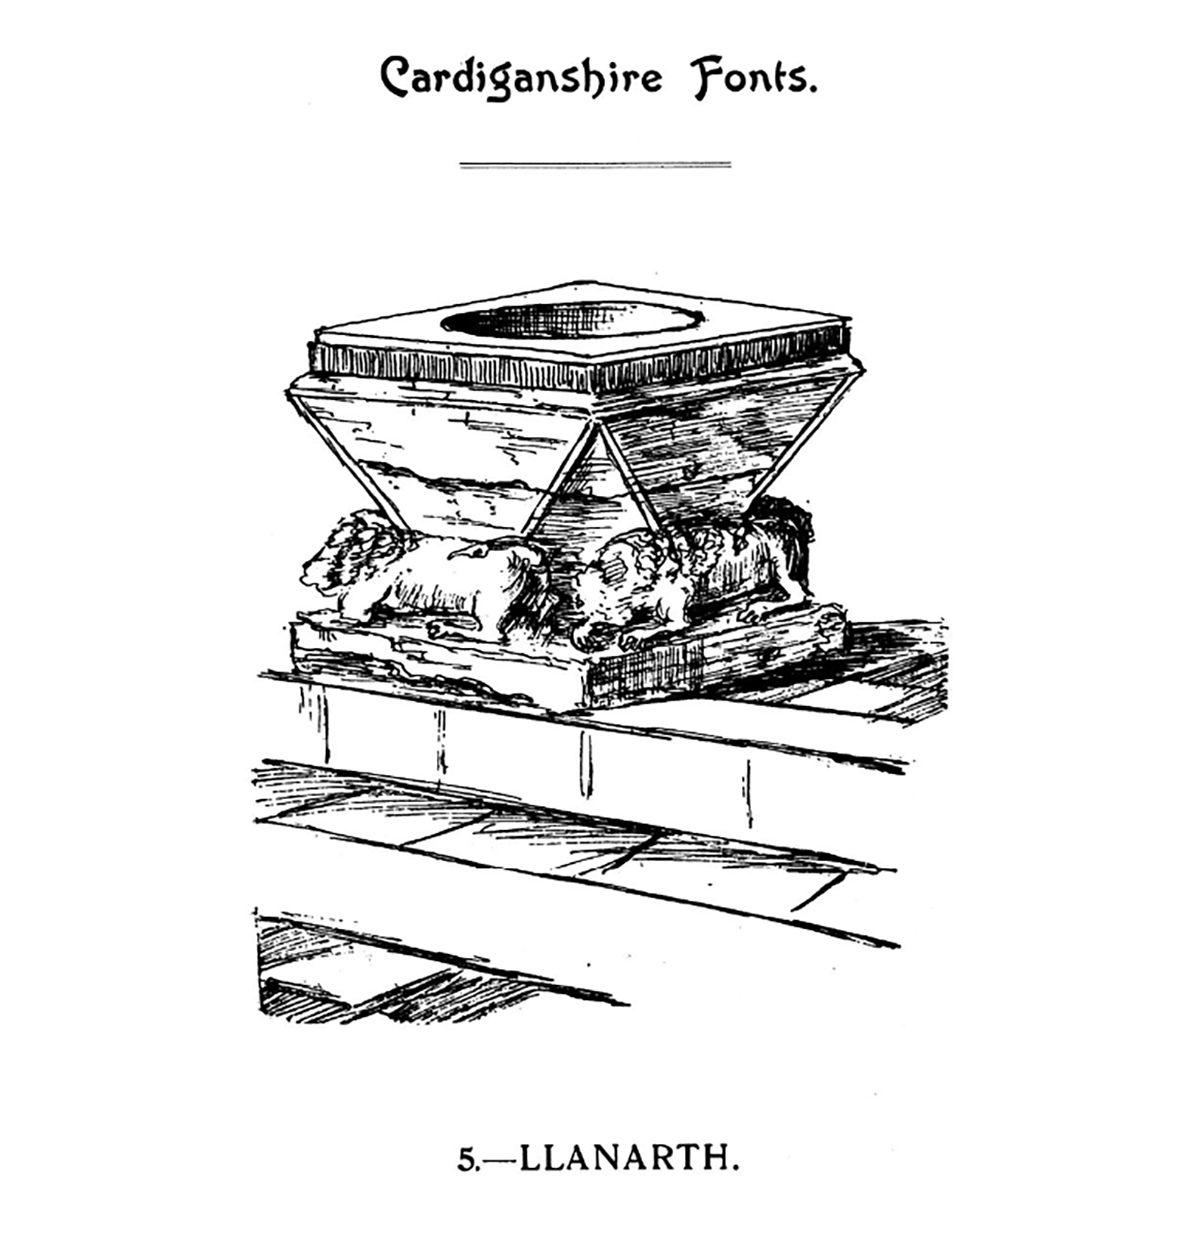 Bedyddfeini Sir Aberteifi - Llanarth